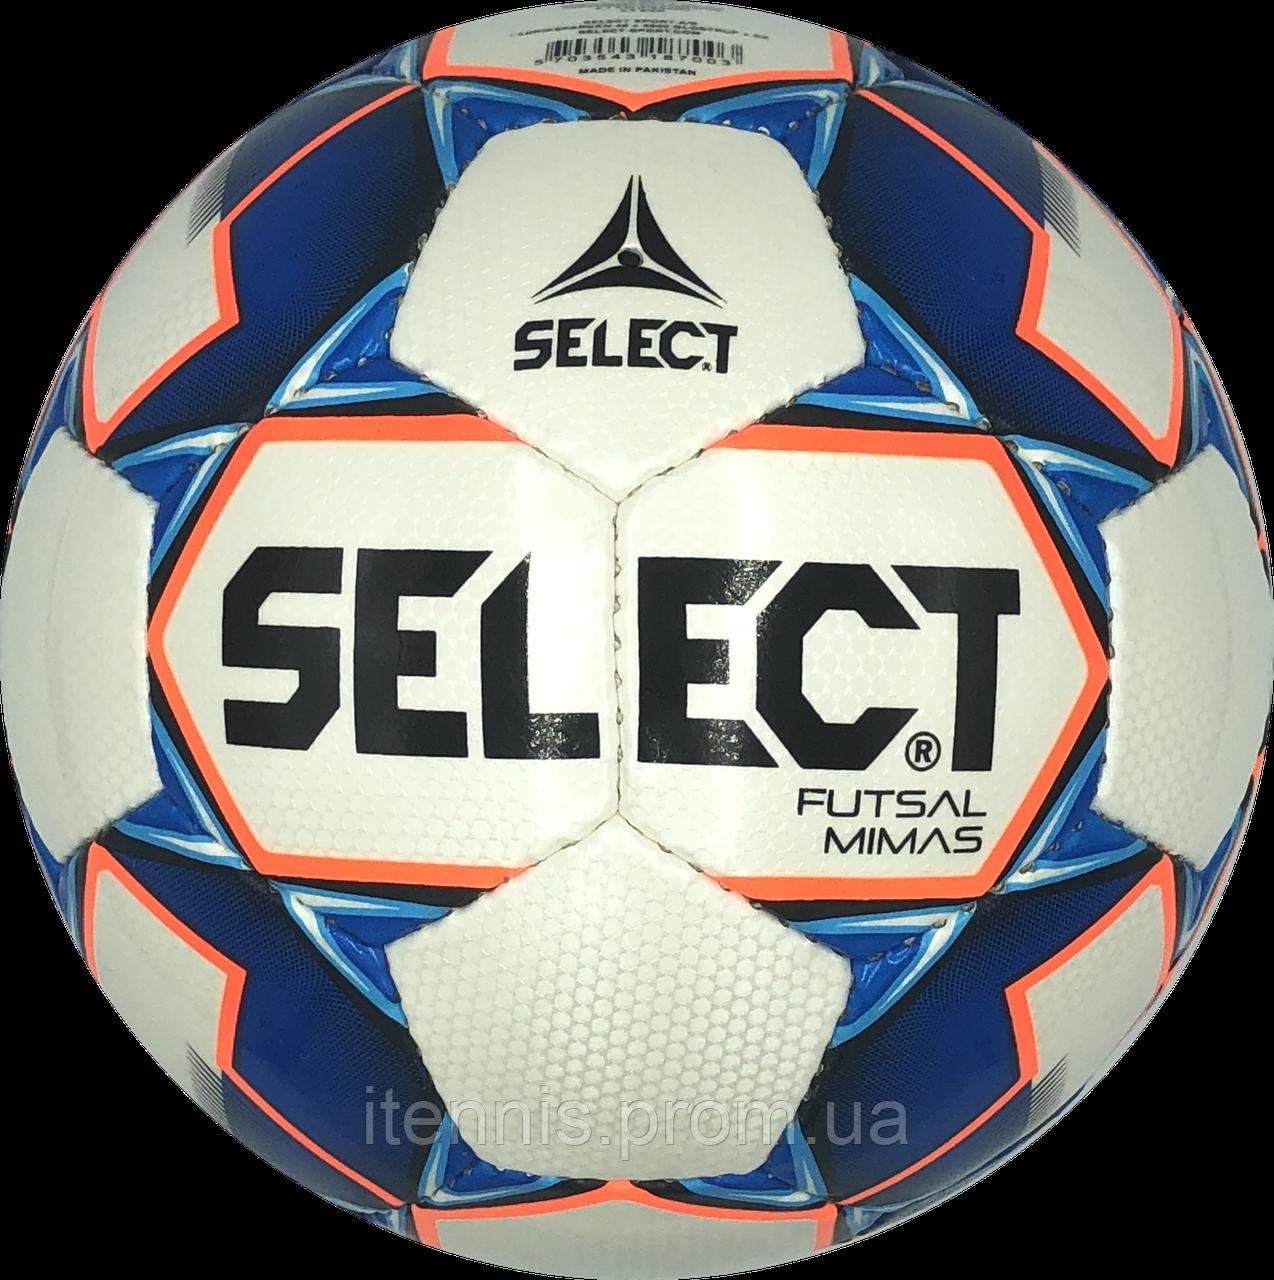 Футзальный мяч Select FUTSAL MIMAS 2018 size 4 NEW!